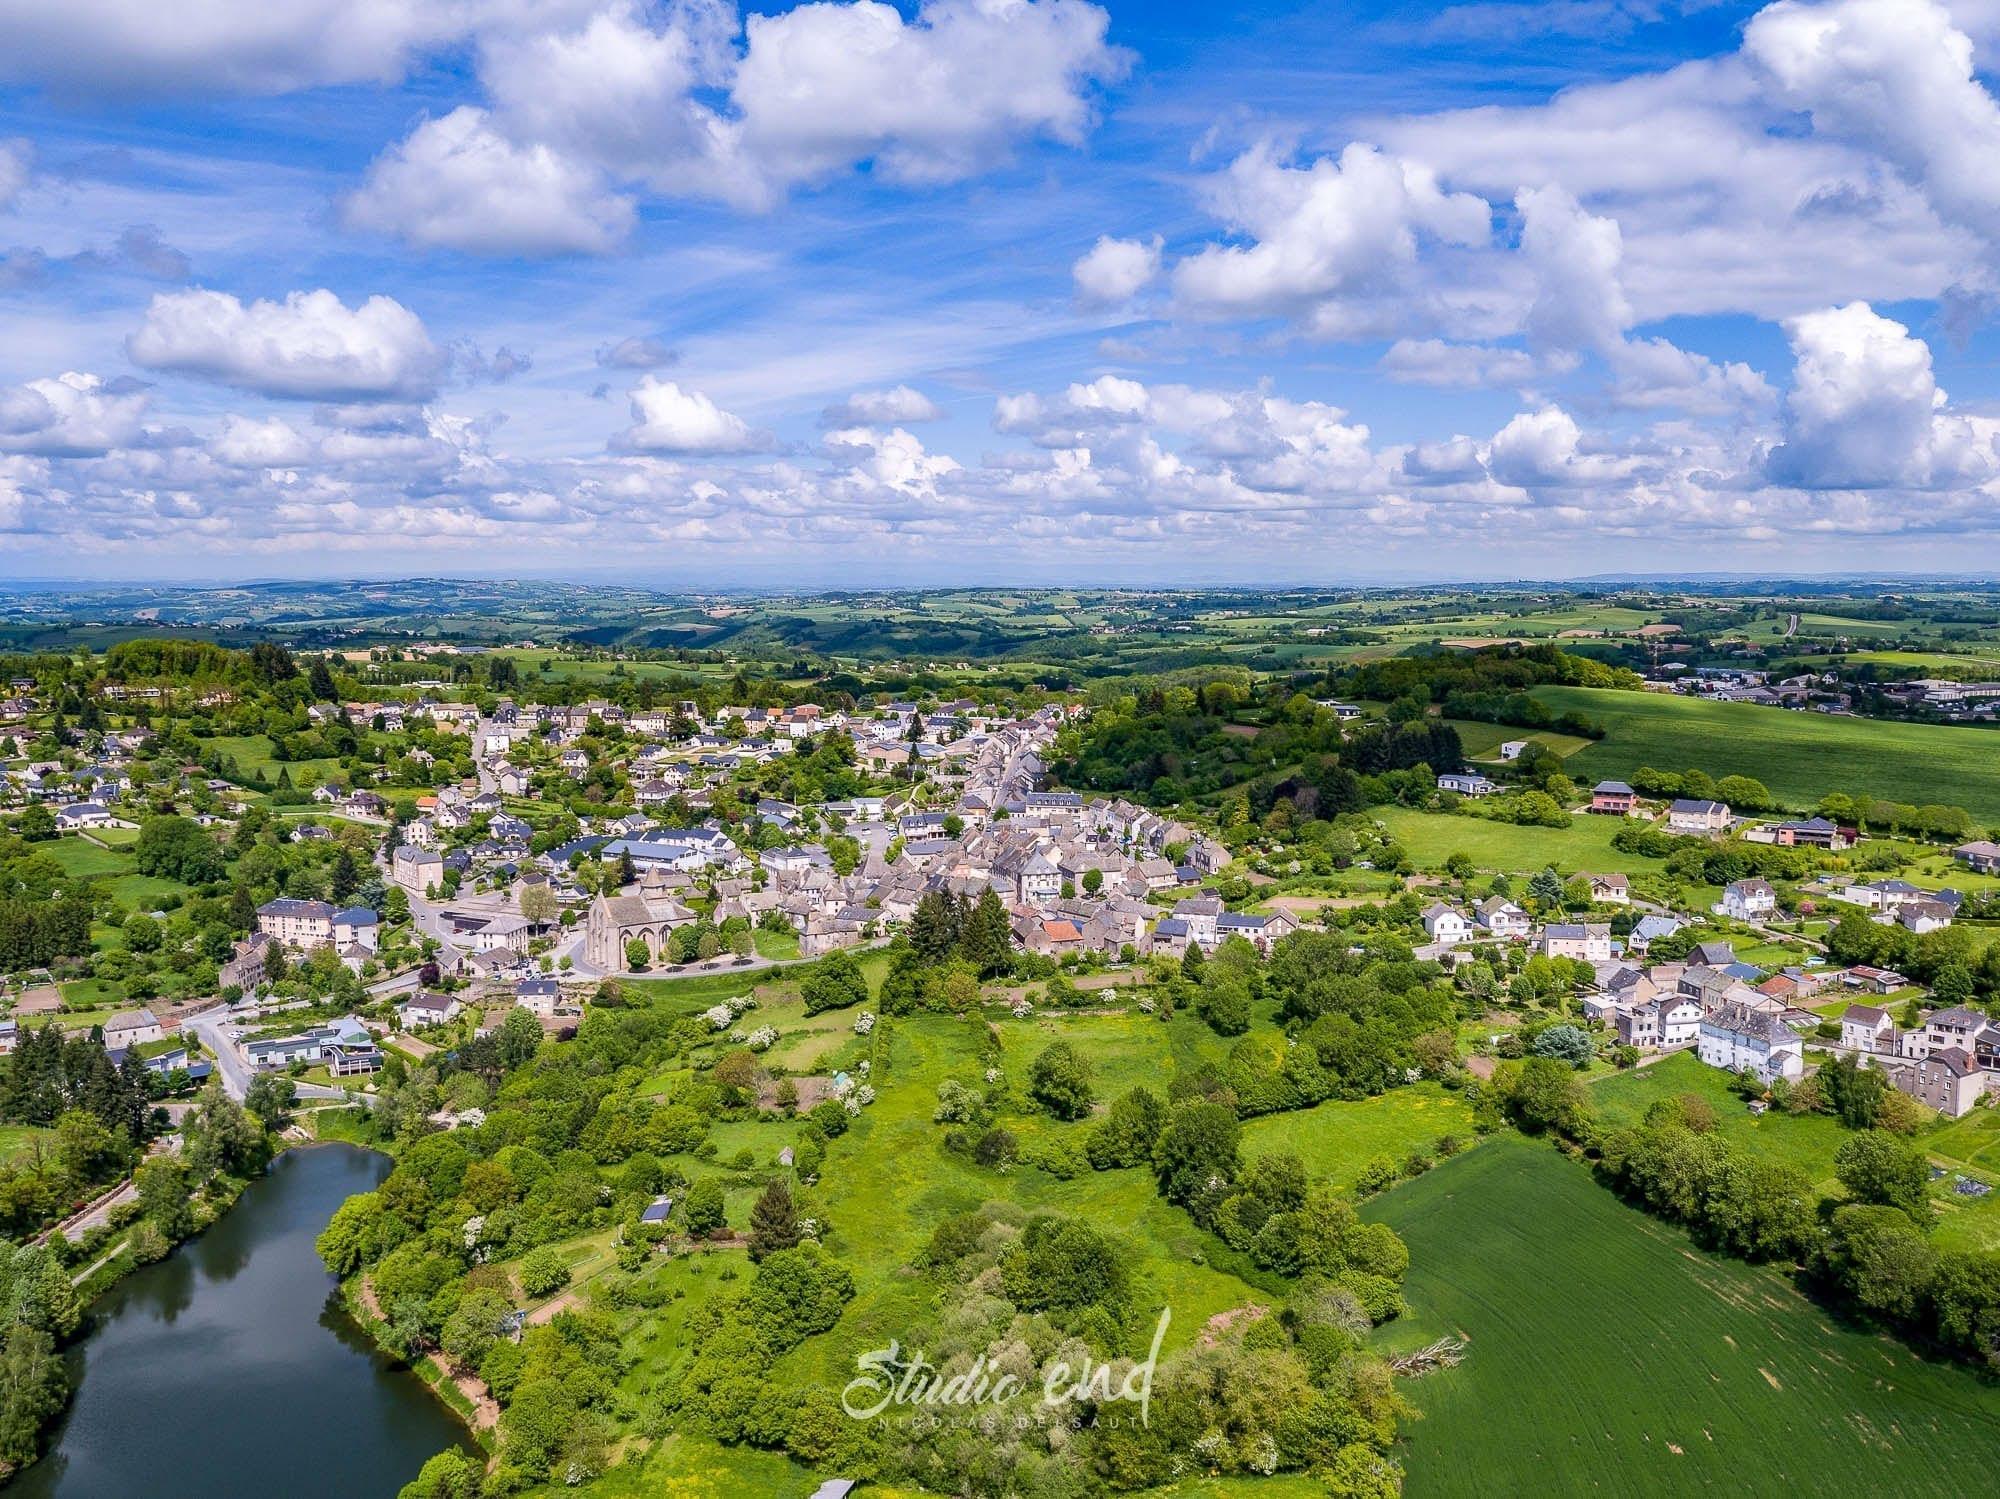 Photographie aérienne grace à un drone Rieupeyroux Studio End